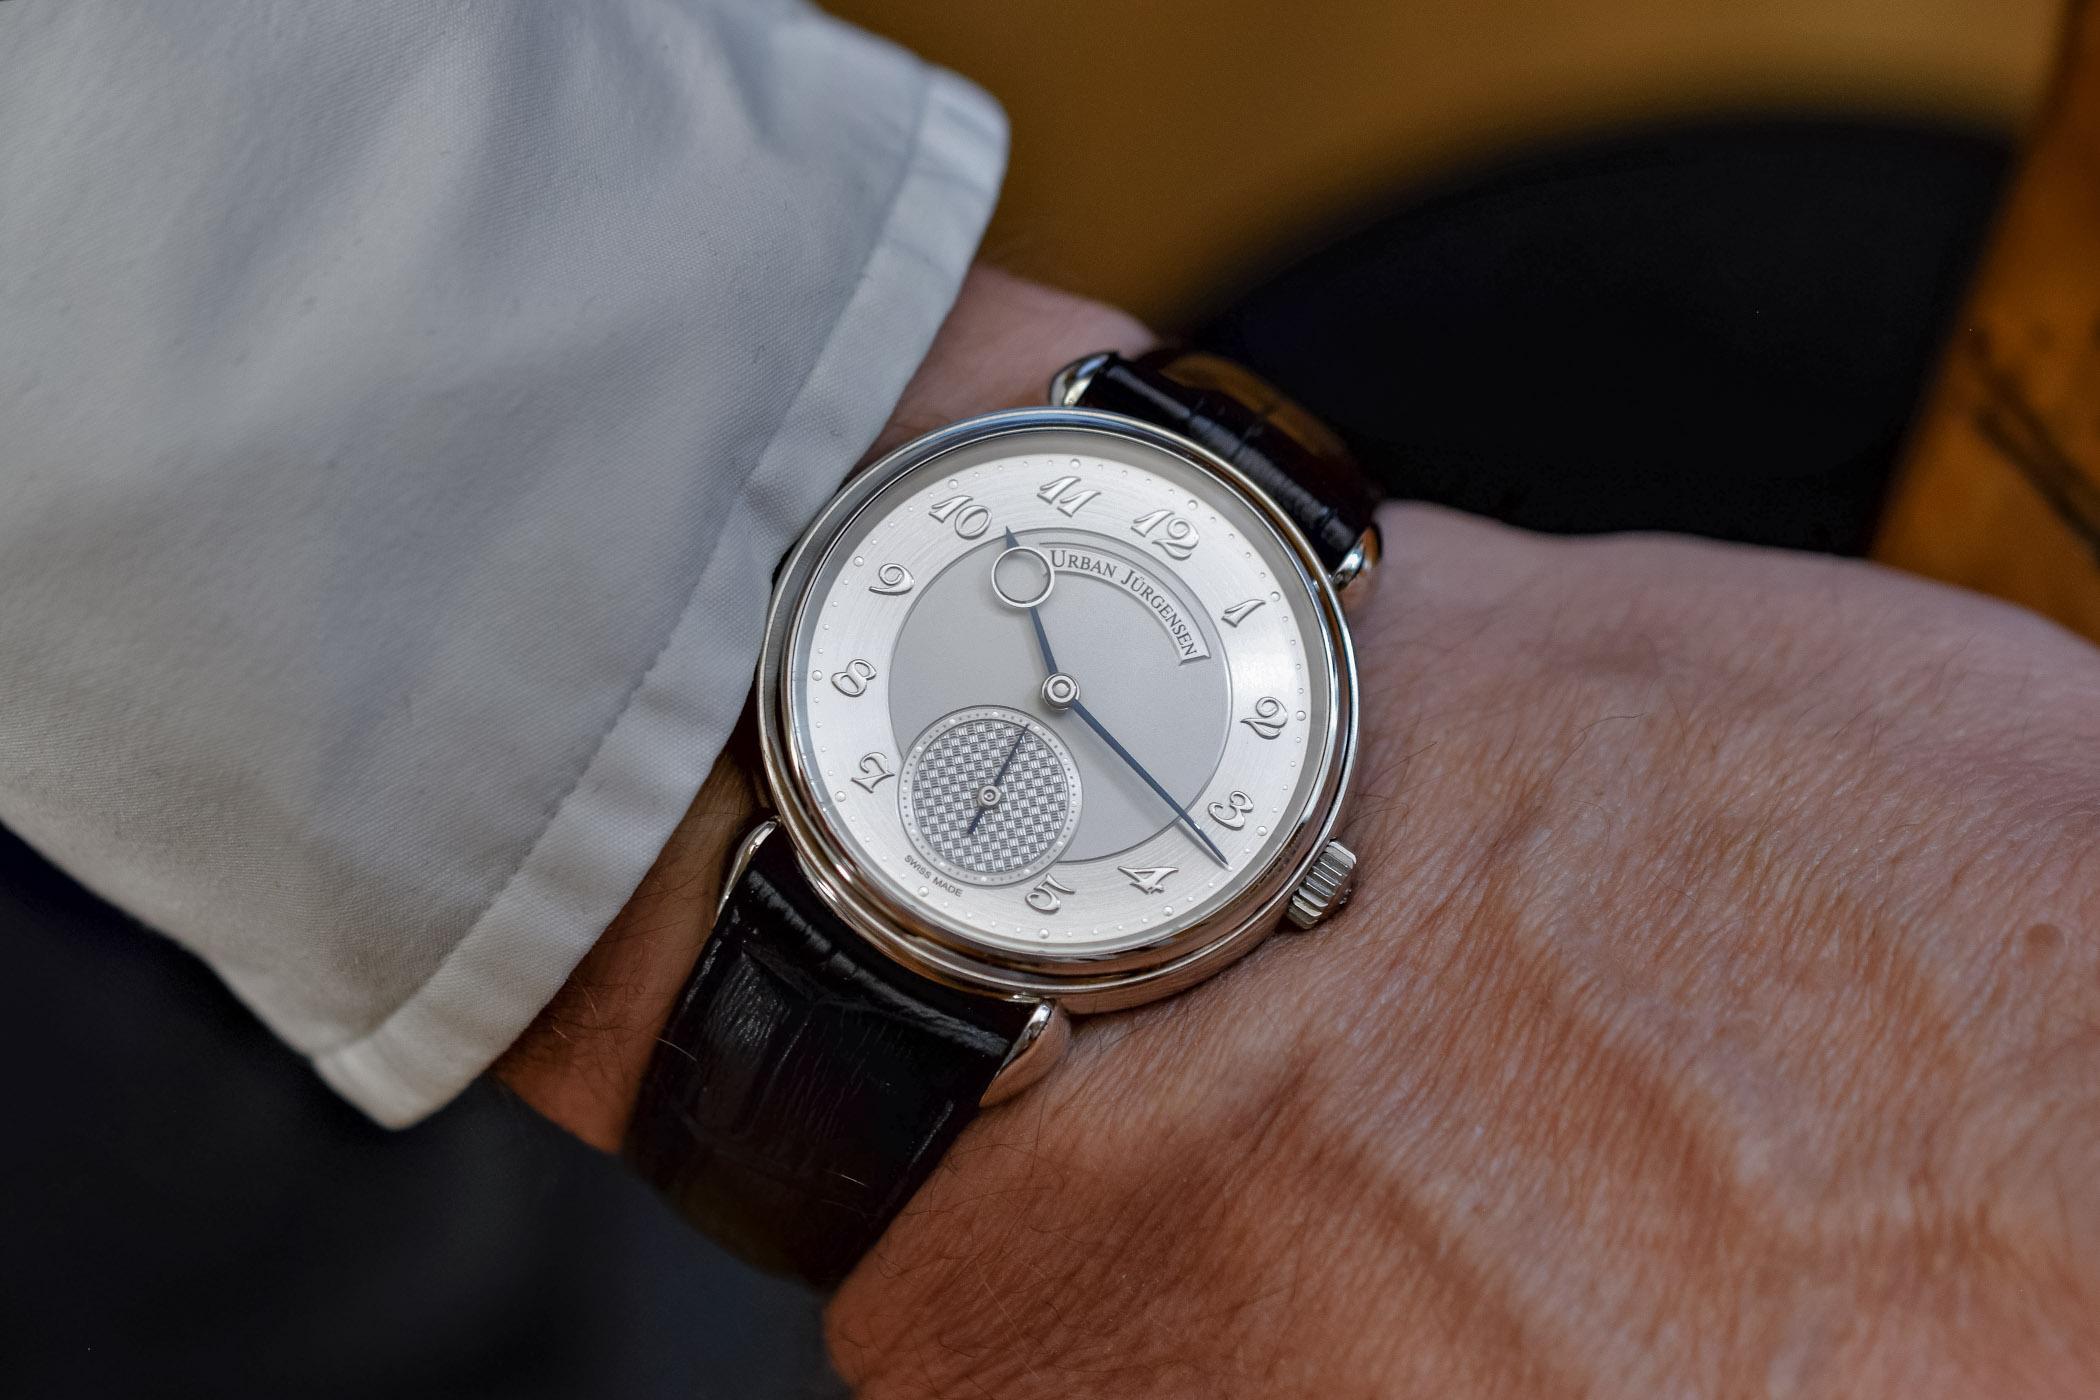 Urban Jurgensen 1140L Platinum wristshot